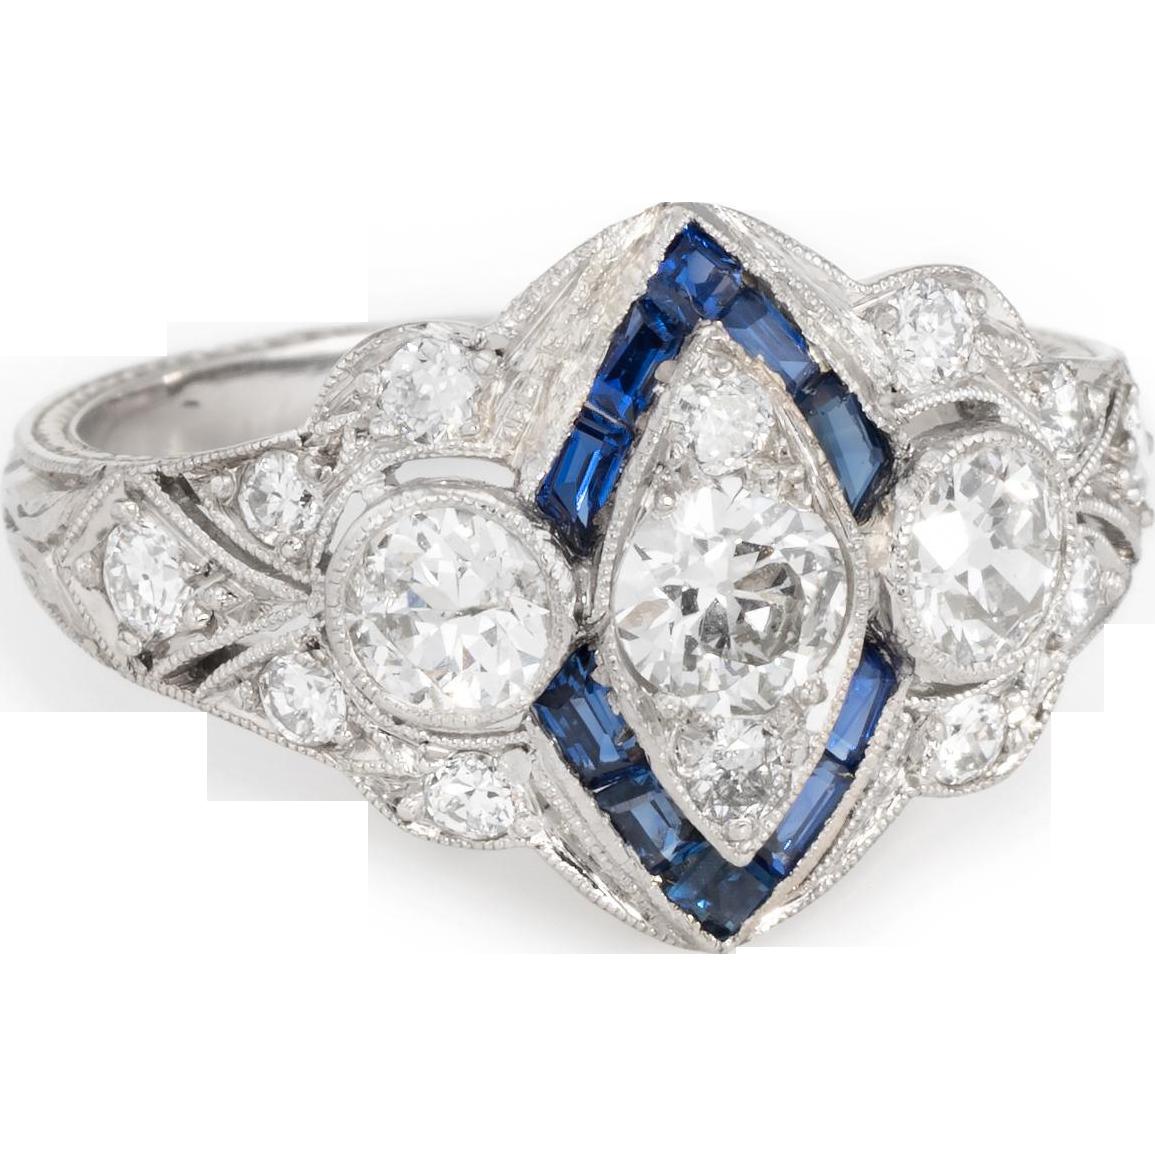 Vintage art deco diamond sapphire platinum embossed cocktail